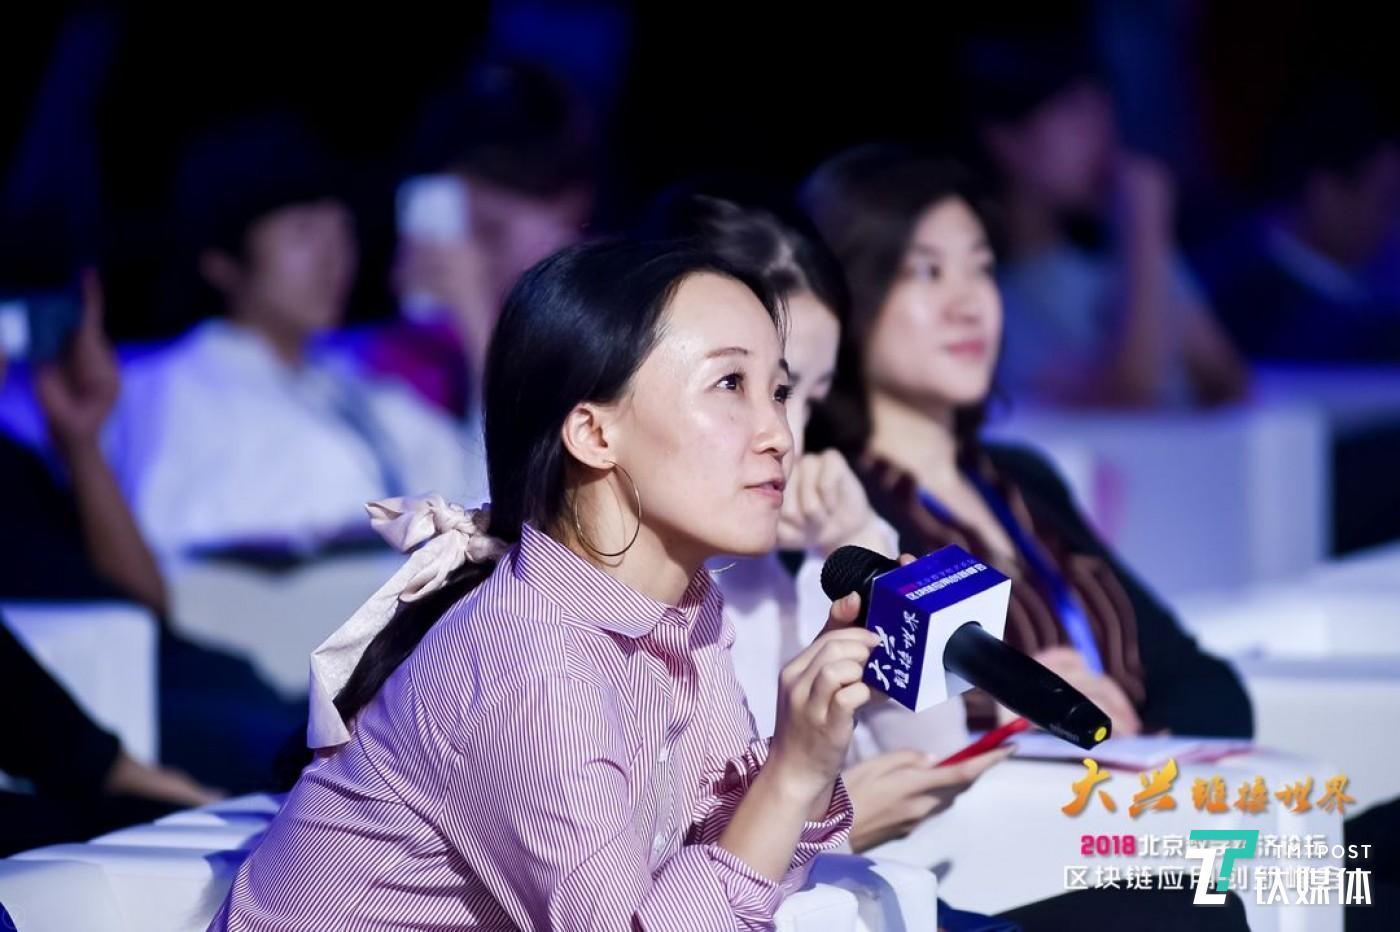 钛媒体集团、链得得创始人兼CEO赵何娟点评路演项目